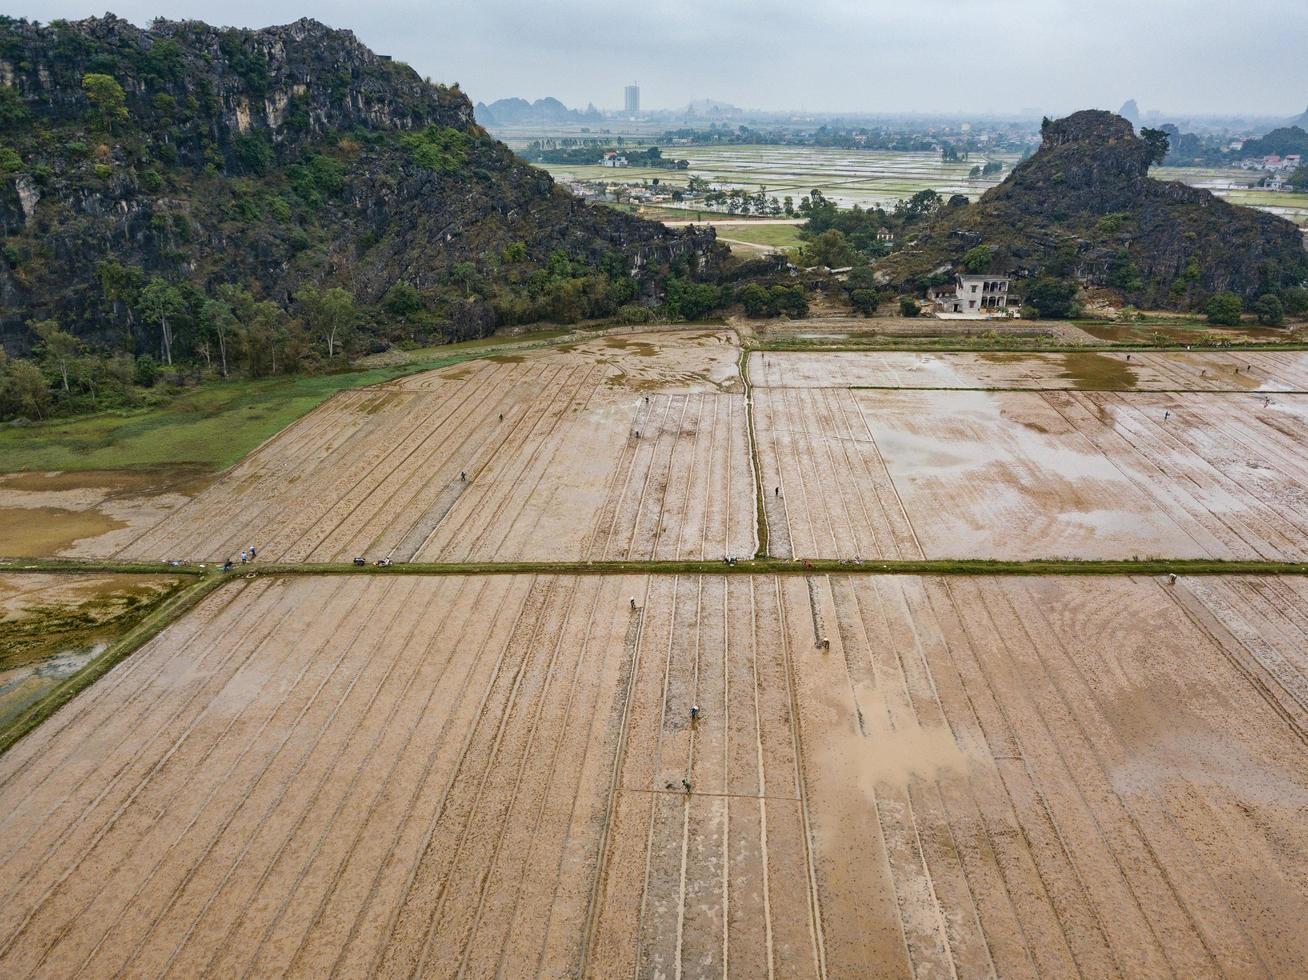 thanh pho ninh binh, vietnam, 2017 - Leute, die Reis auf einem Feld pflanzen foto